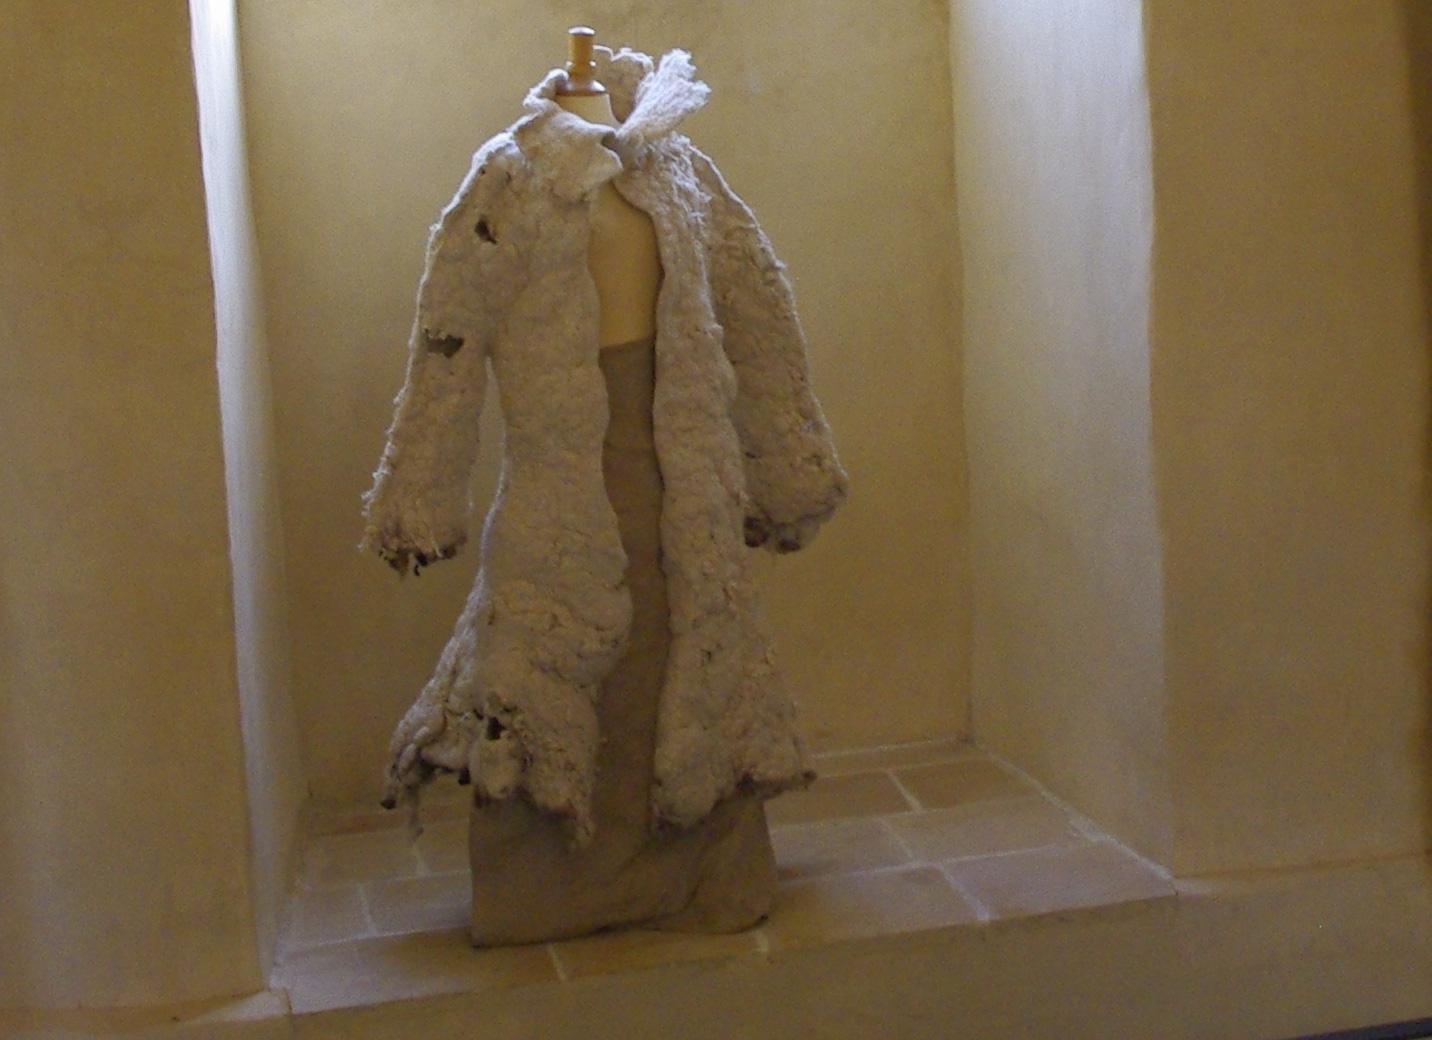 """""""La bête"""", manteau/sculpture en feutre (ravat, mérinos, kapok), 2003"""